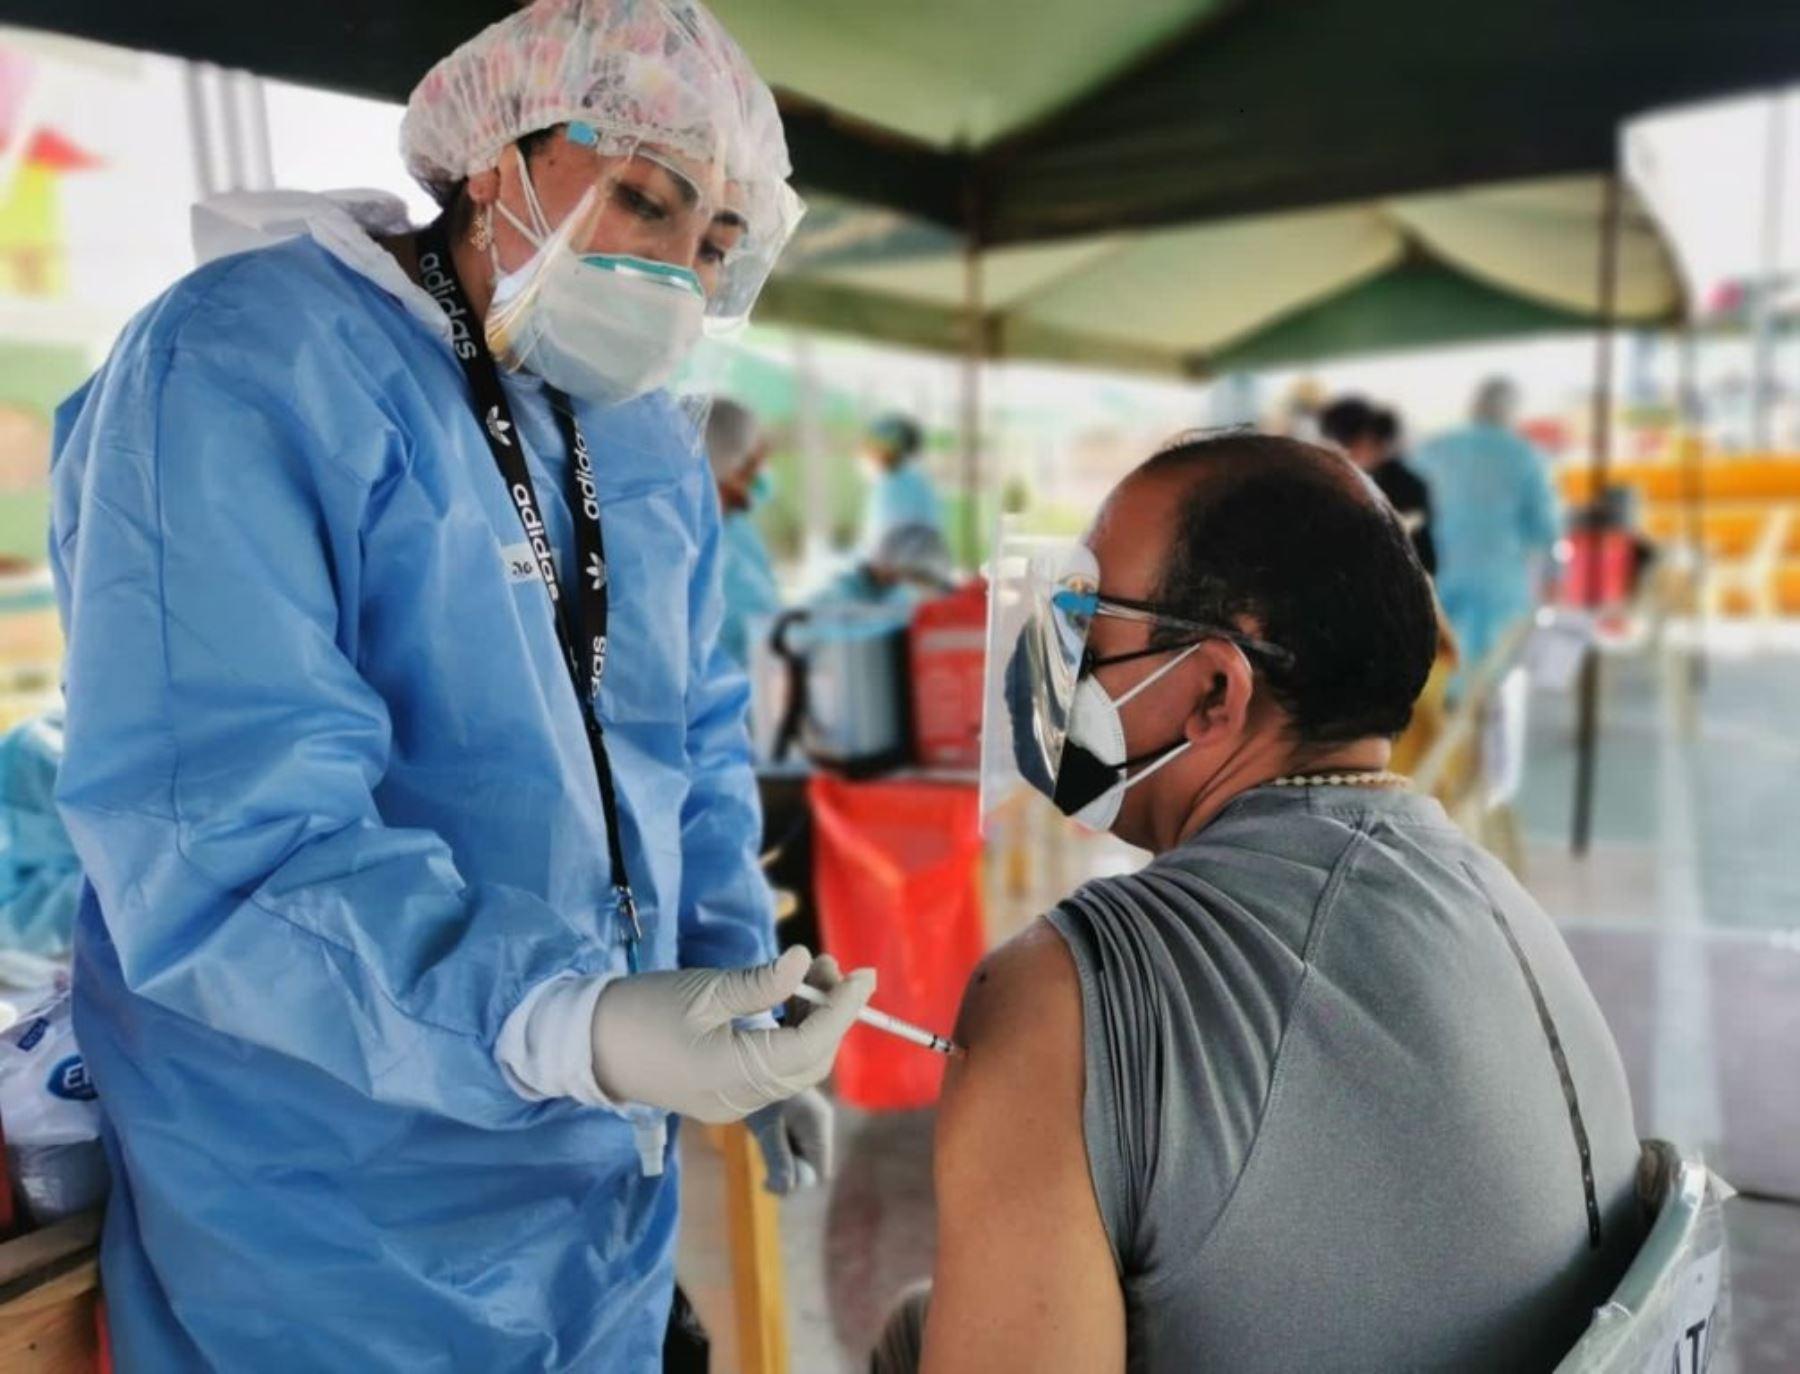 Arequipa reporta que ha aplicado 709,790 dosis de la vacuna contra el covid-19 y es una de las regiones que más ha avanzado en este proceso en el país. Foto: ANDINA/difusión.